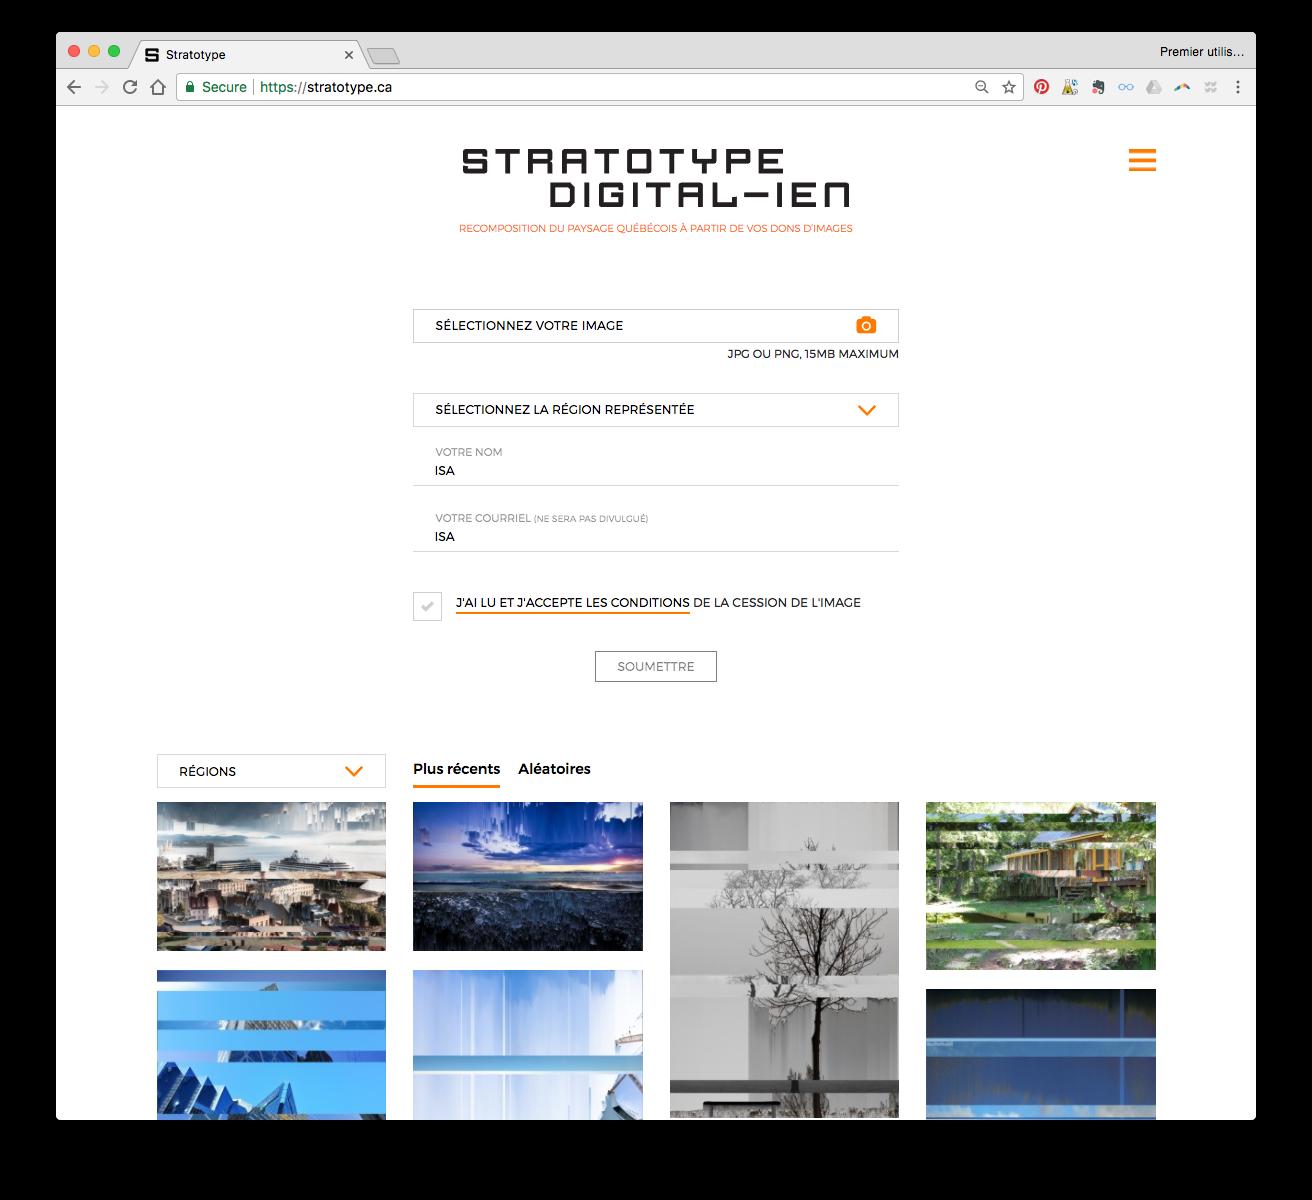 Stratotypesigitalien_dispositif.png